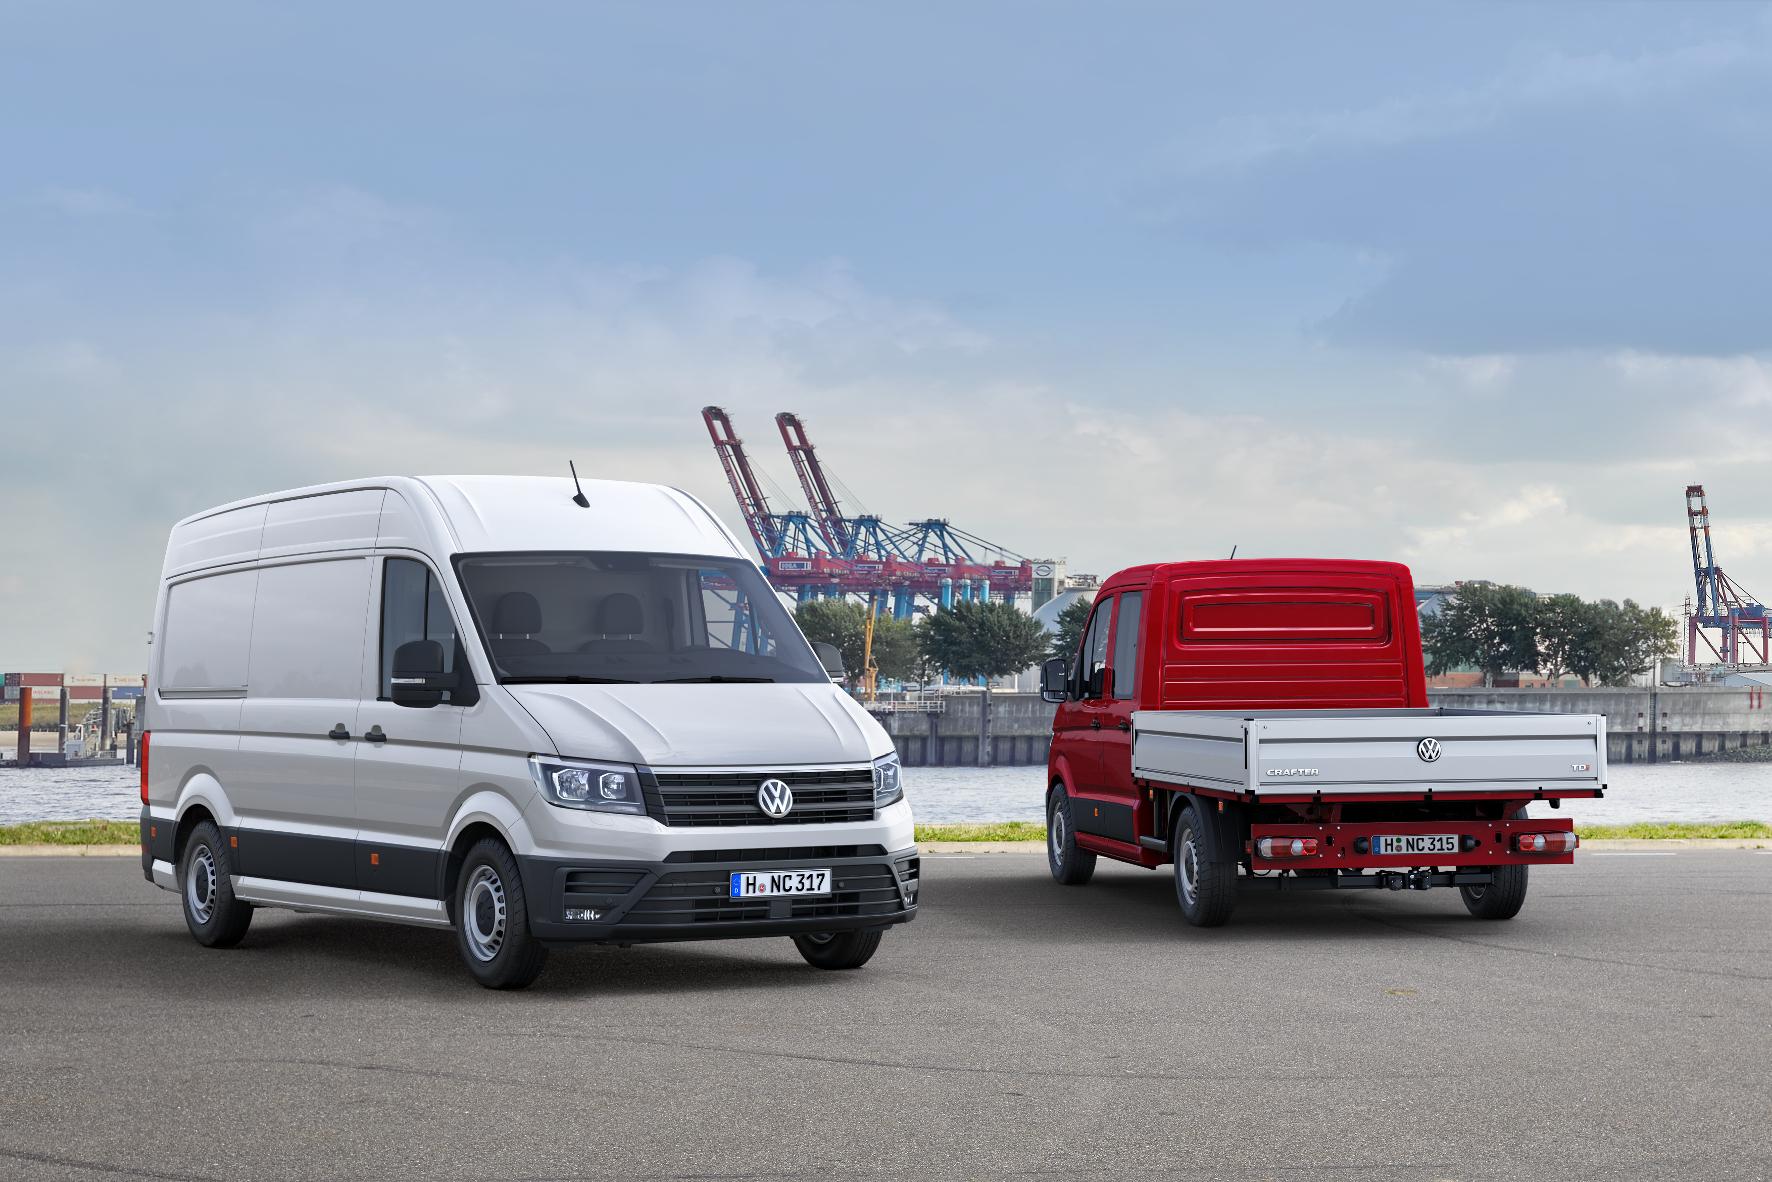 mid Almeria - In jedem Hafen zu Hause: der neue VW Crafter.